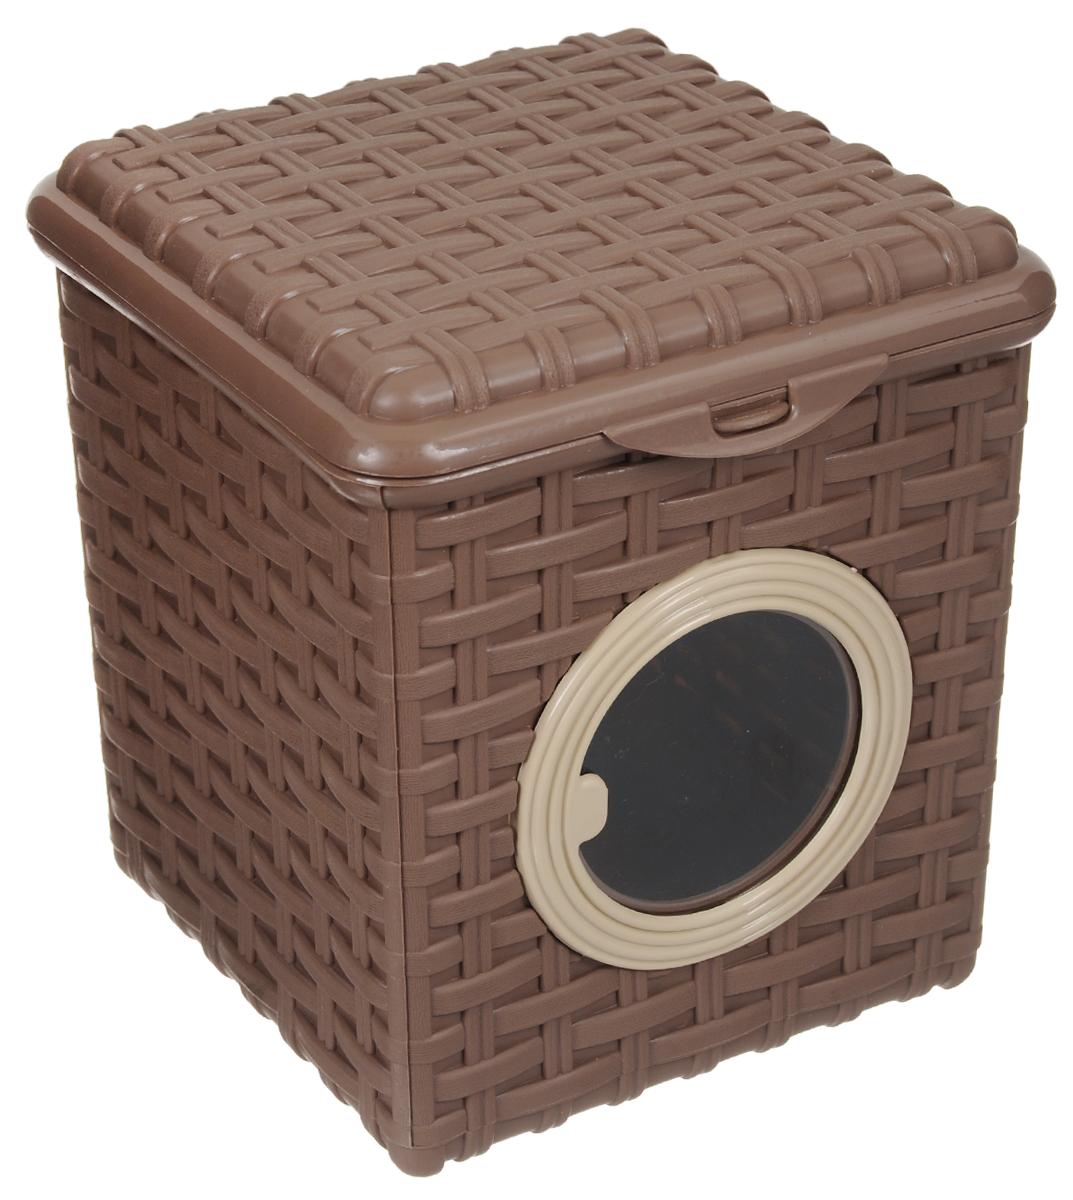 Контейнер для мелочей Violet, цвет: какао, 18 х 18,5 х 14,5 см контейнер термоизоляционный на украине